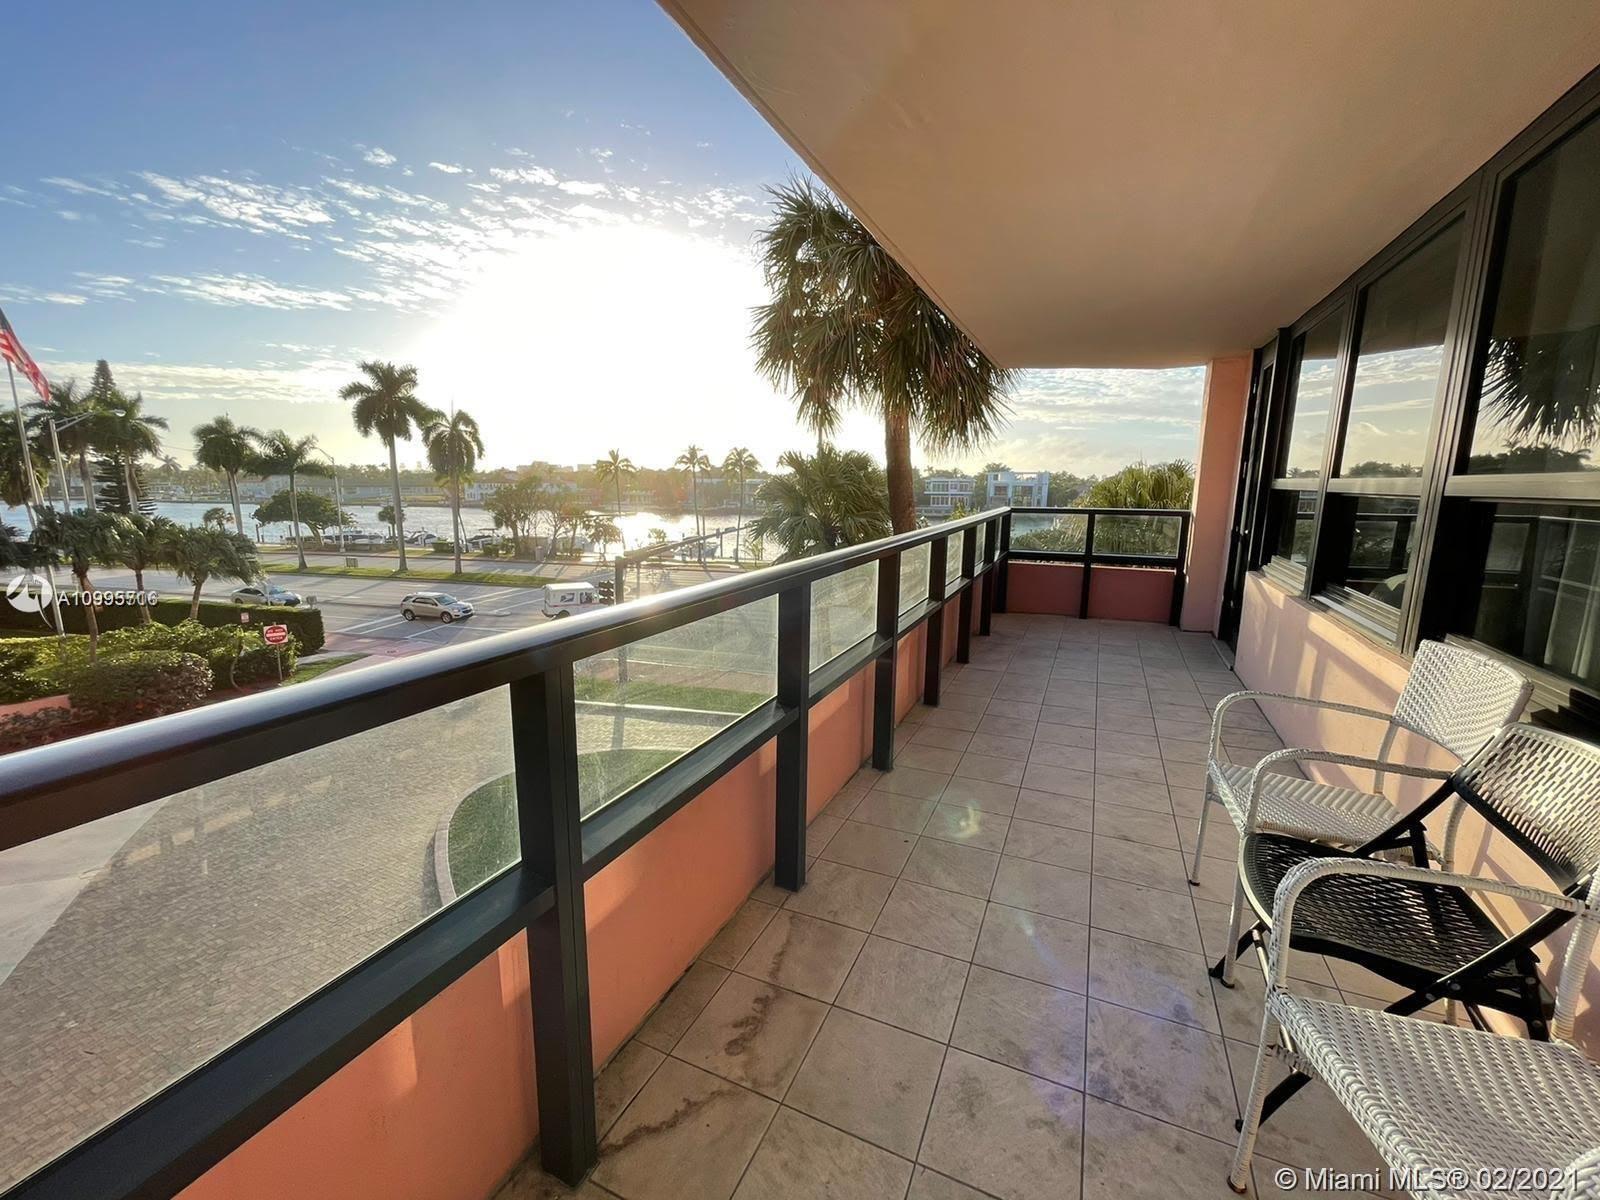 5225 Collins Ave #420, Miami Beach, FL 33140 - #: A10995716